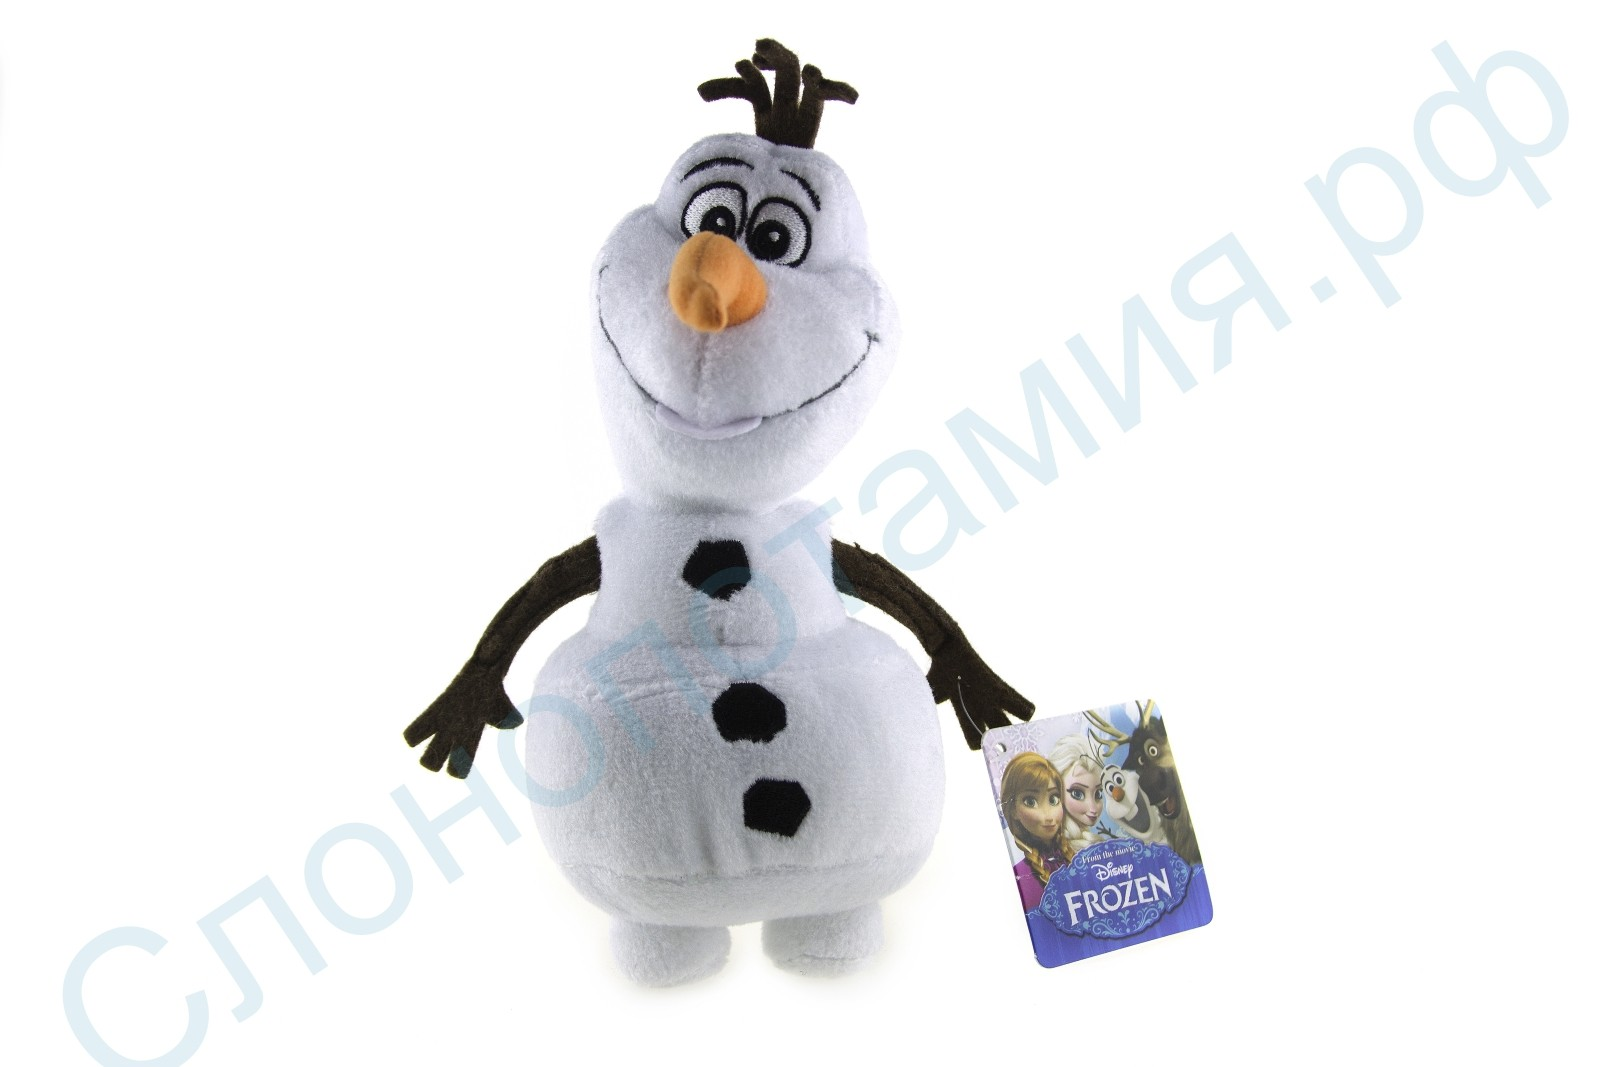 Мягкая игрушка Снеговик Олаф, 22 см